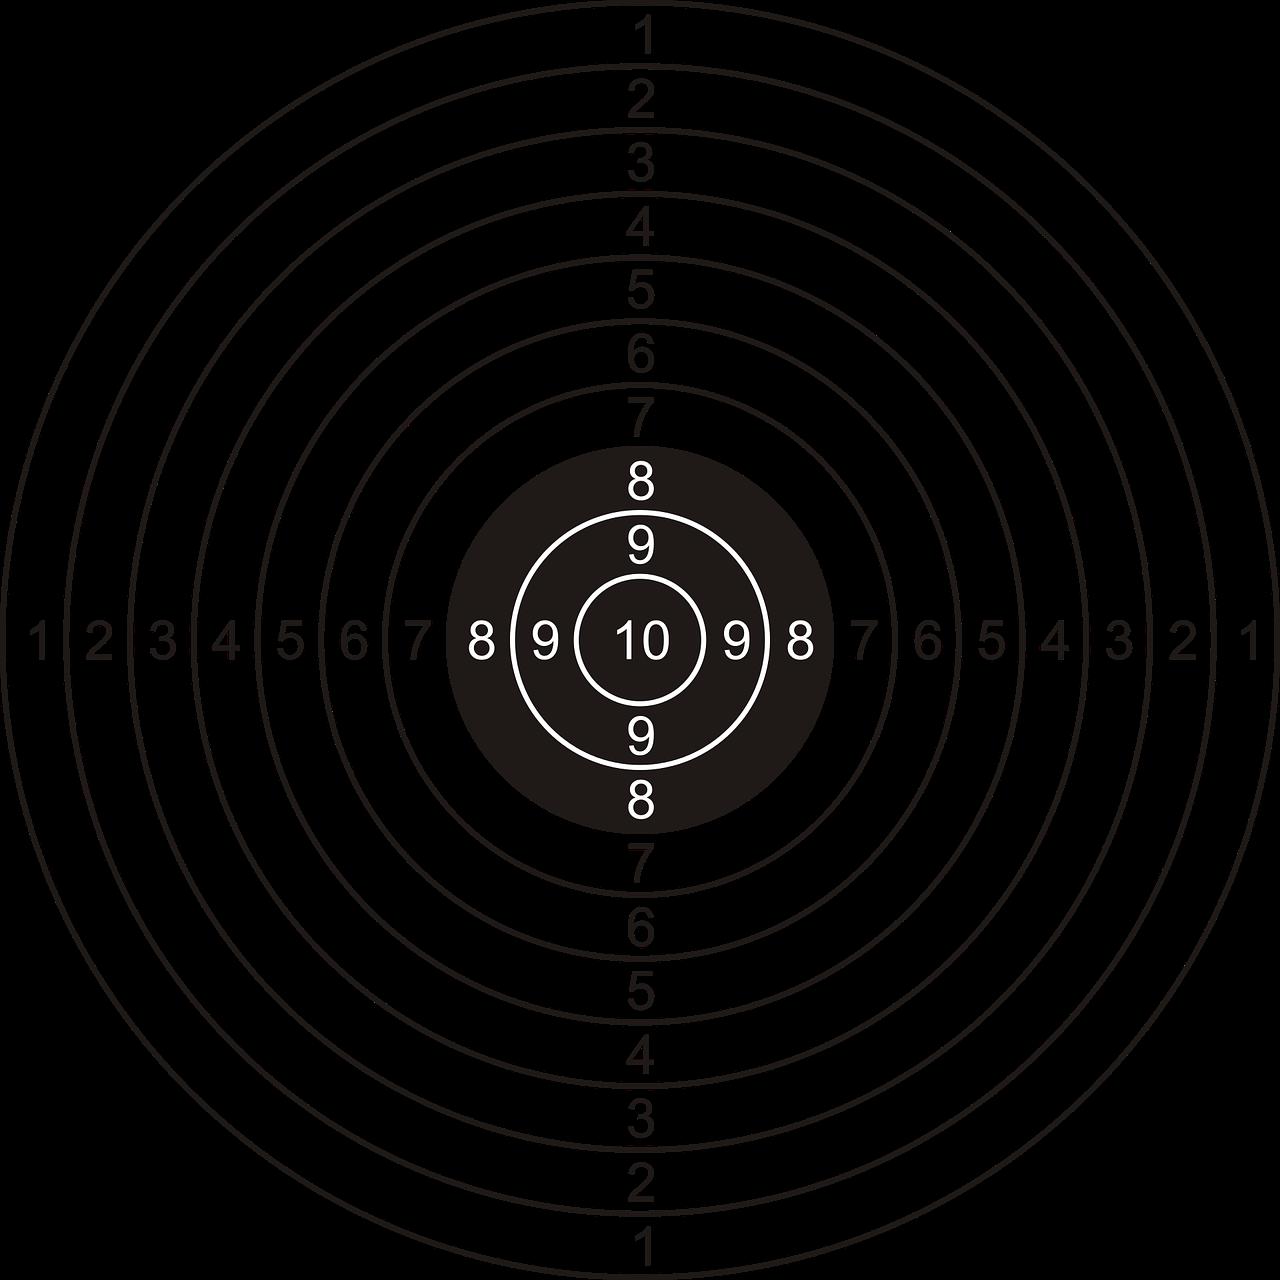 Gratis Obraz Na Pixabay Tarcza Strzelecka Tarcza Paper Shooting Targets Paper Targets Shooting Targets